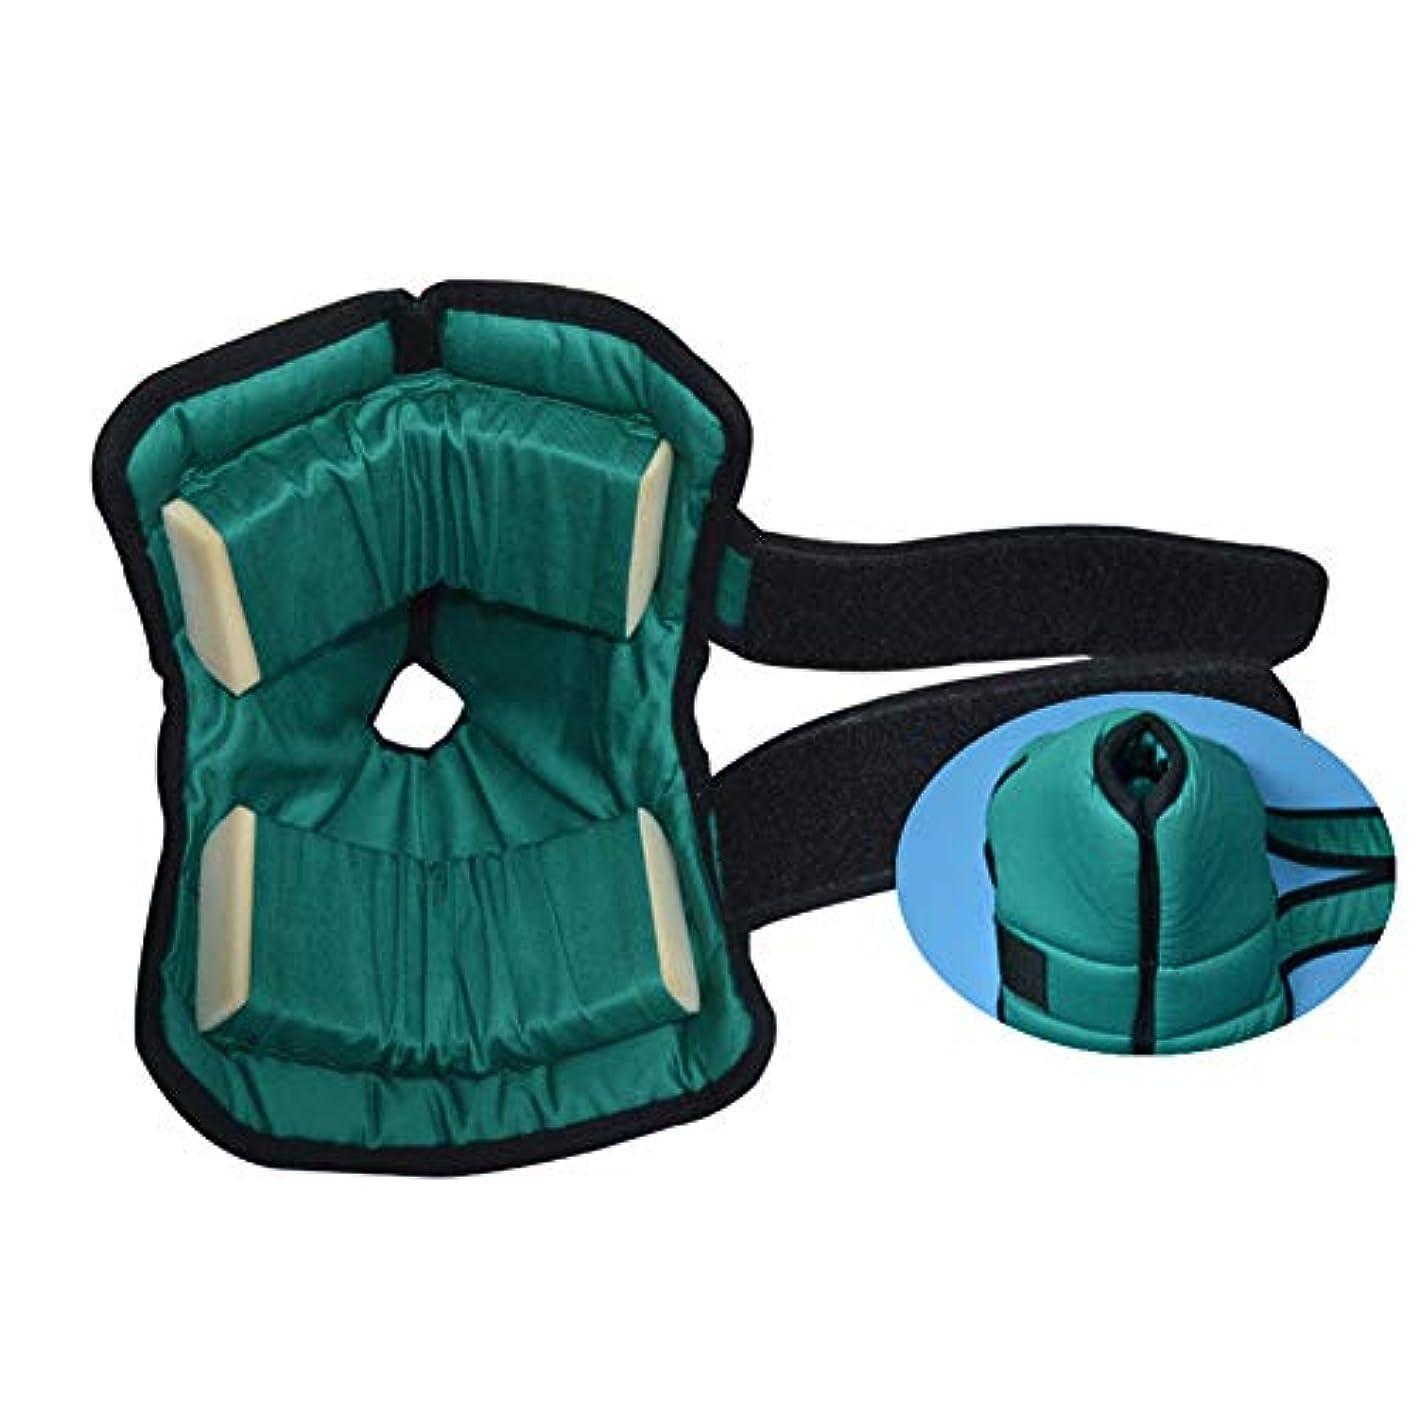 くびれた医療過誤優遇かかとプロテクター枕、足枕かかとクッションプロテクター、Pressure瘡予防のためのアキレス腱プロテクター、高齢者の足の補正カバー-1ペア